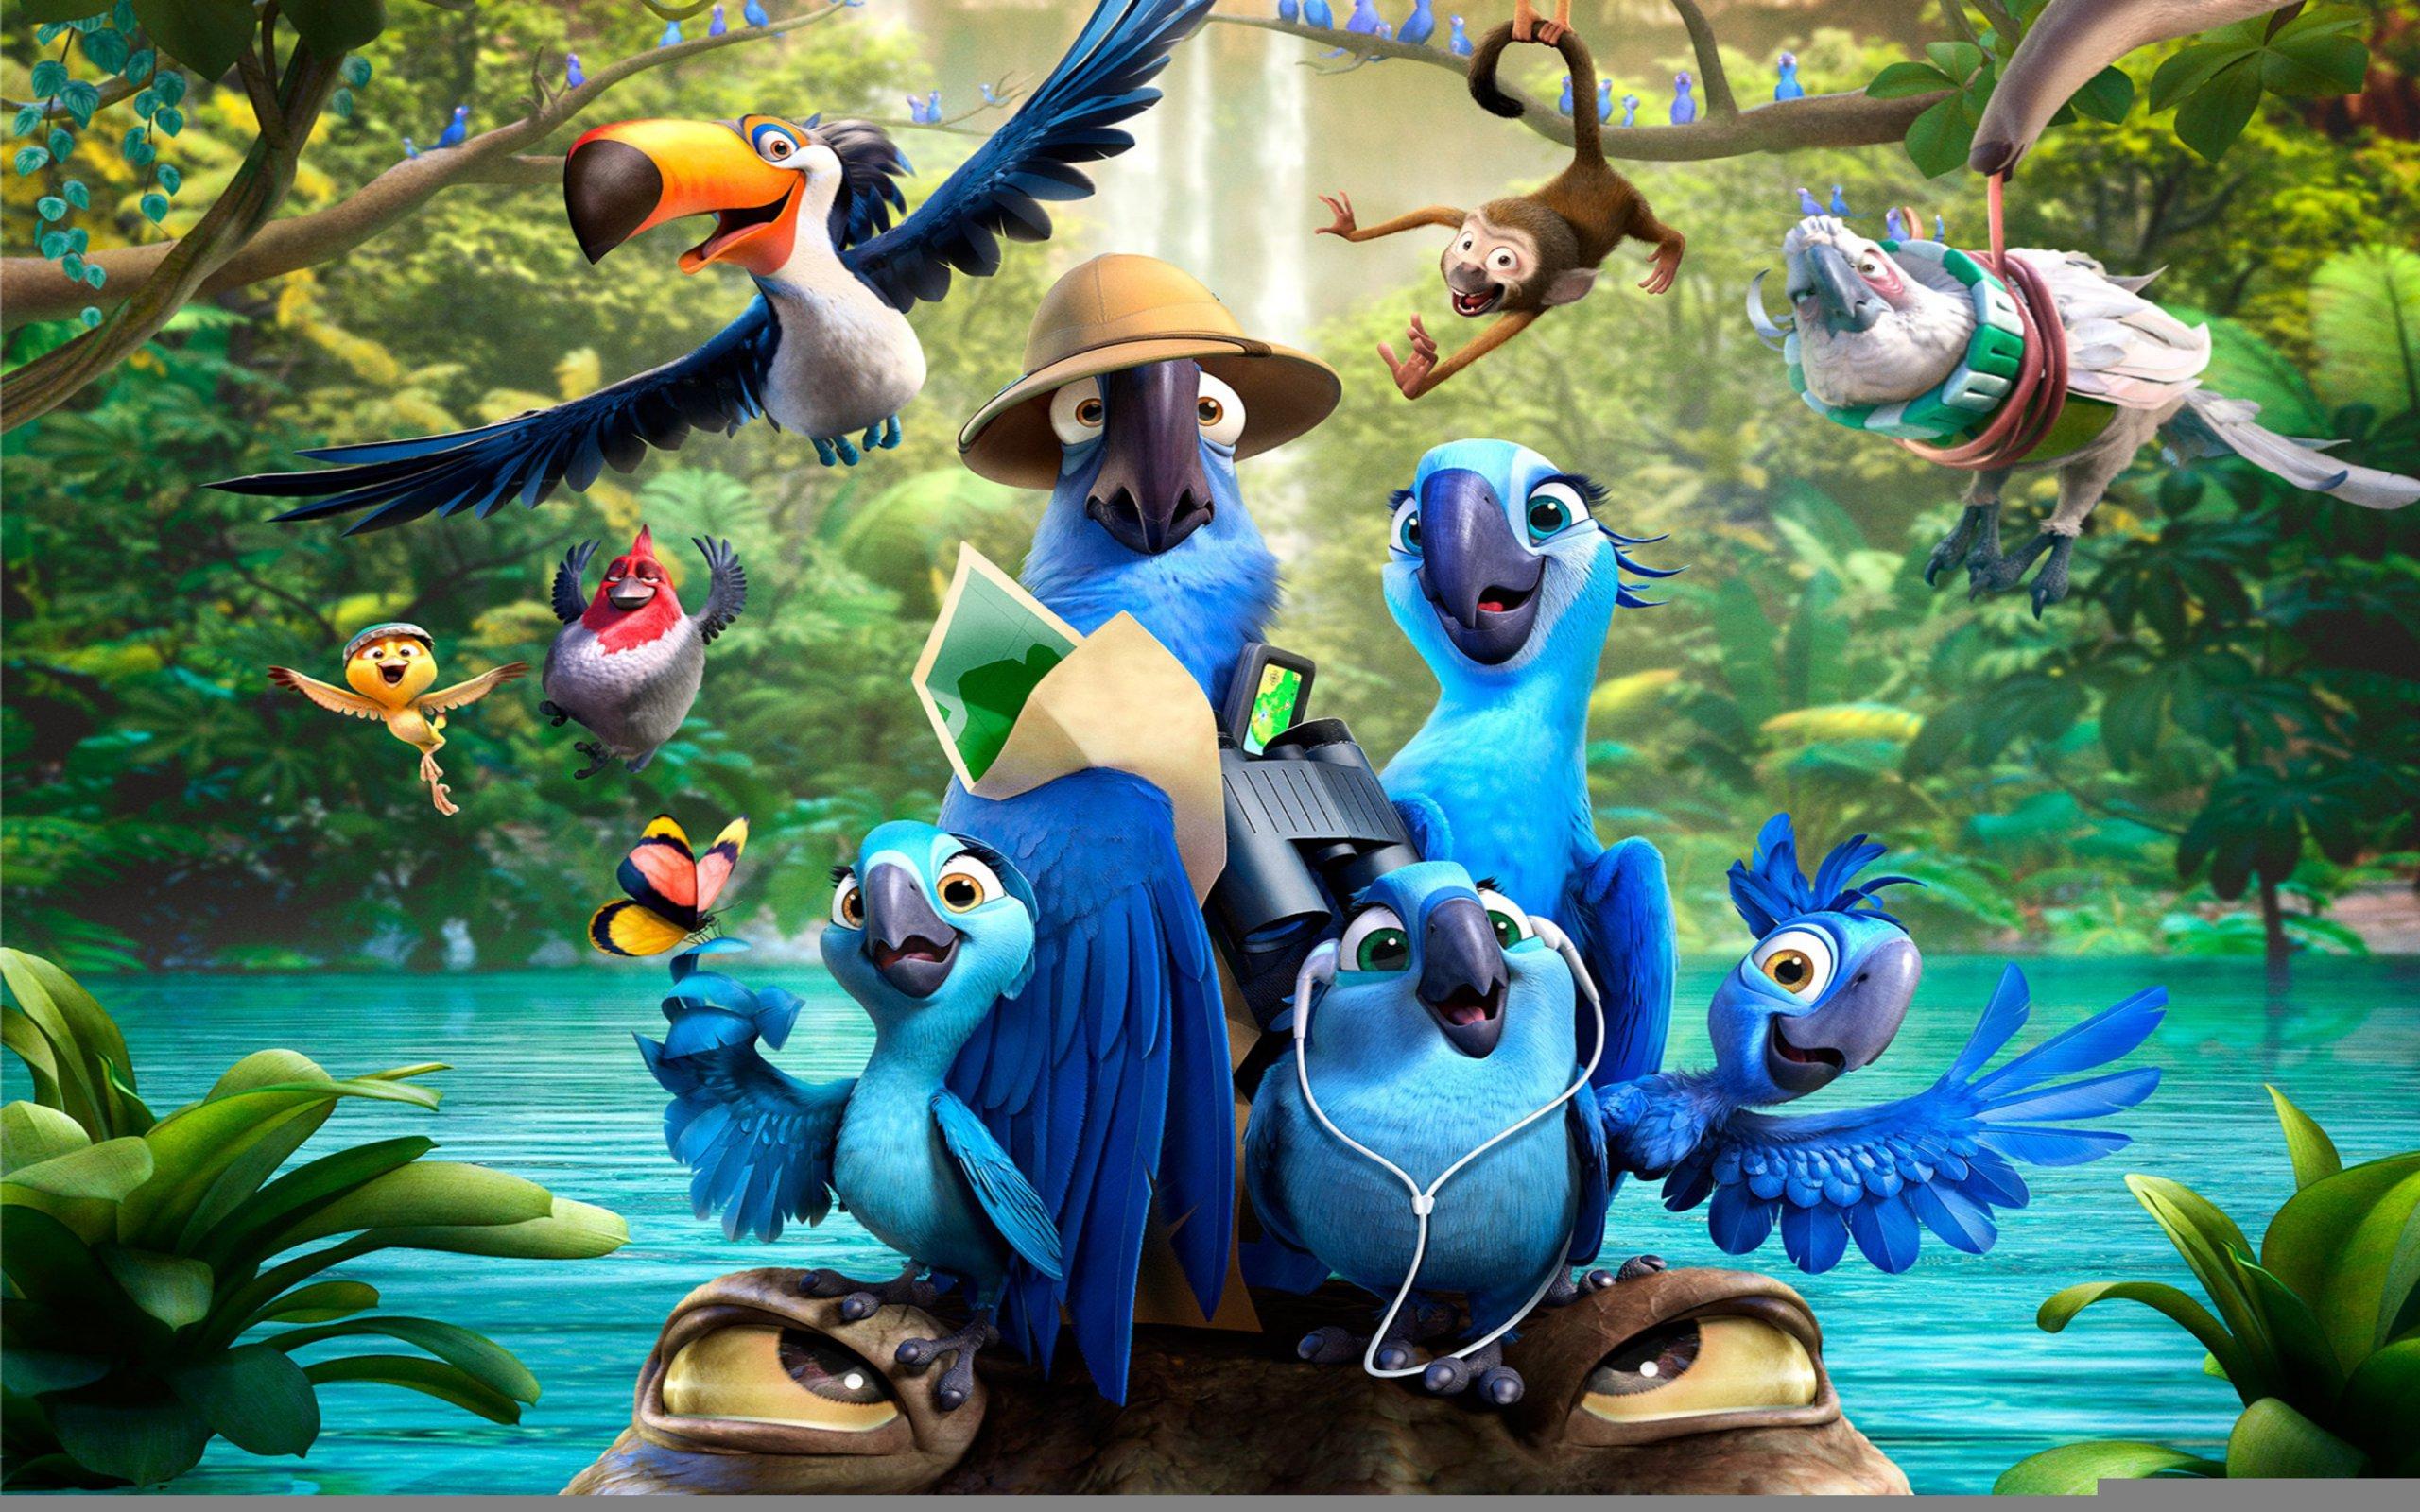 Rio 2 Movie Cartoon